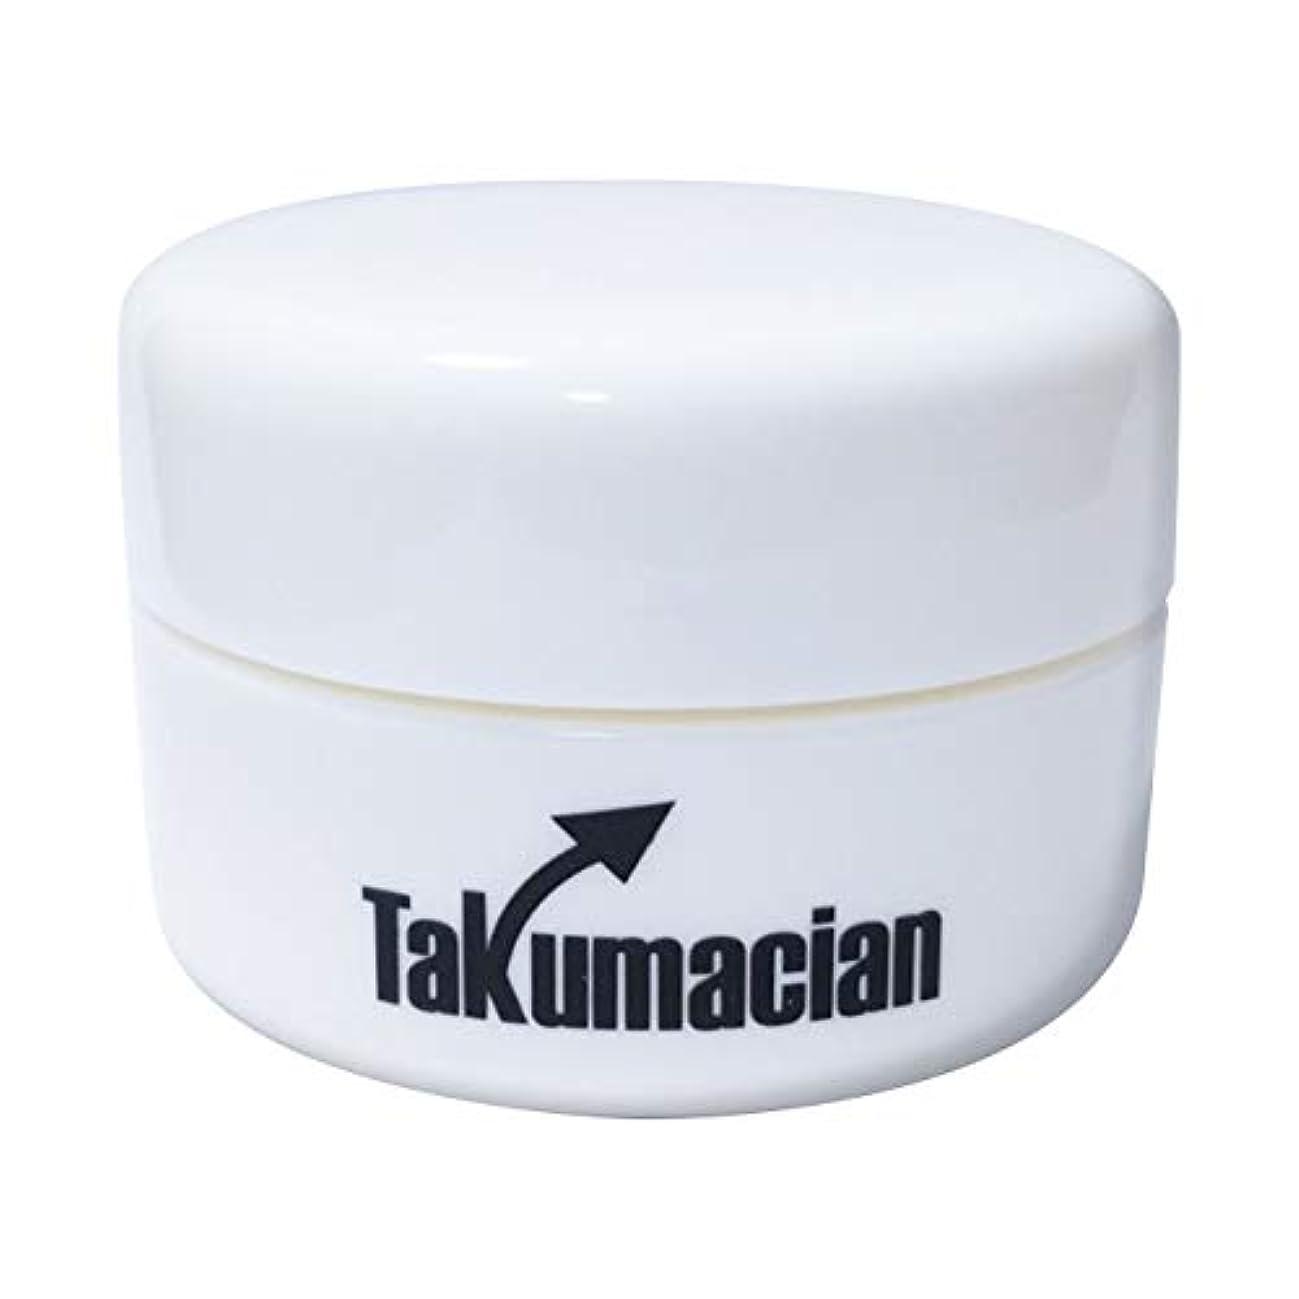 歯科の行動だますTakumacian タクマシアン ボディ用クリーム 男性用 長持ち 自信